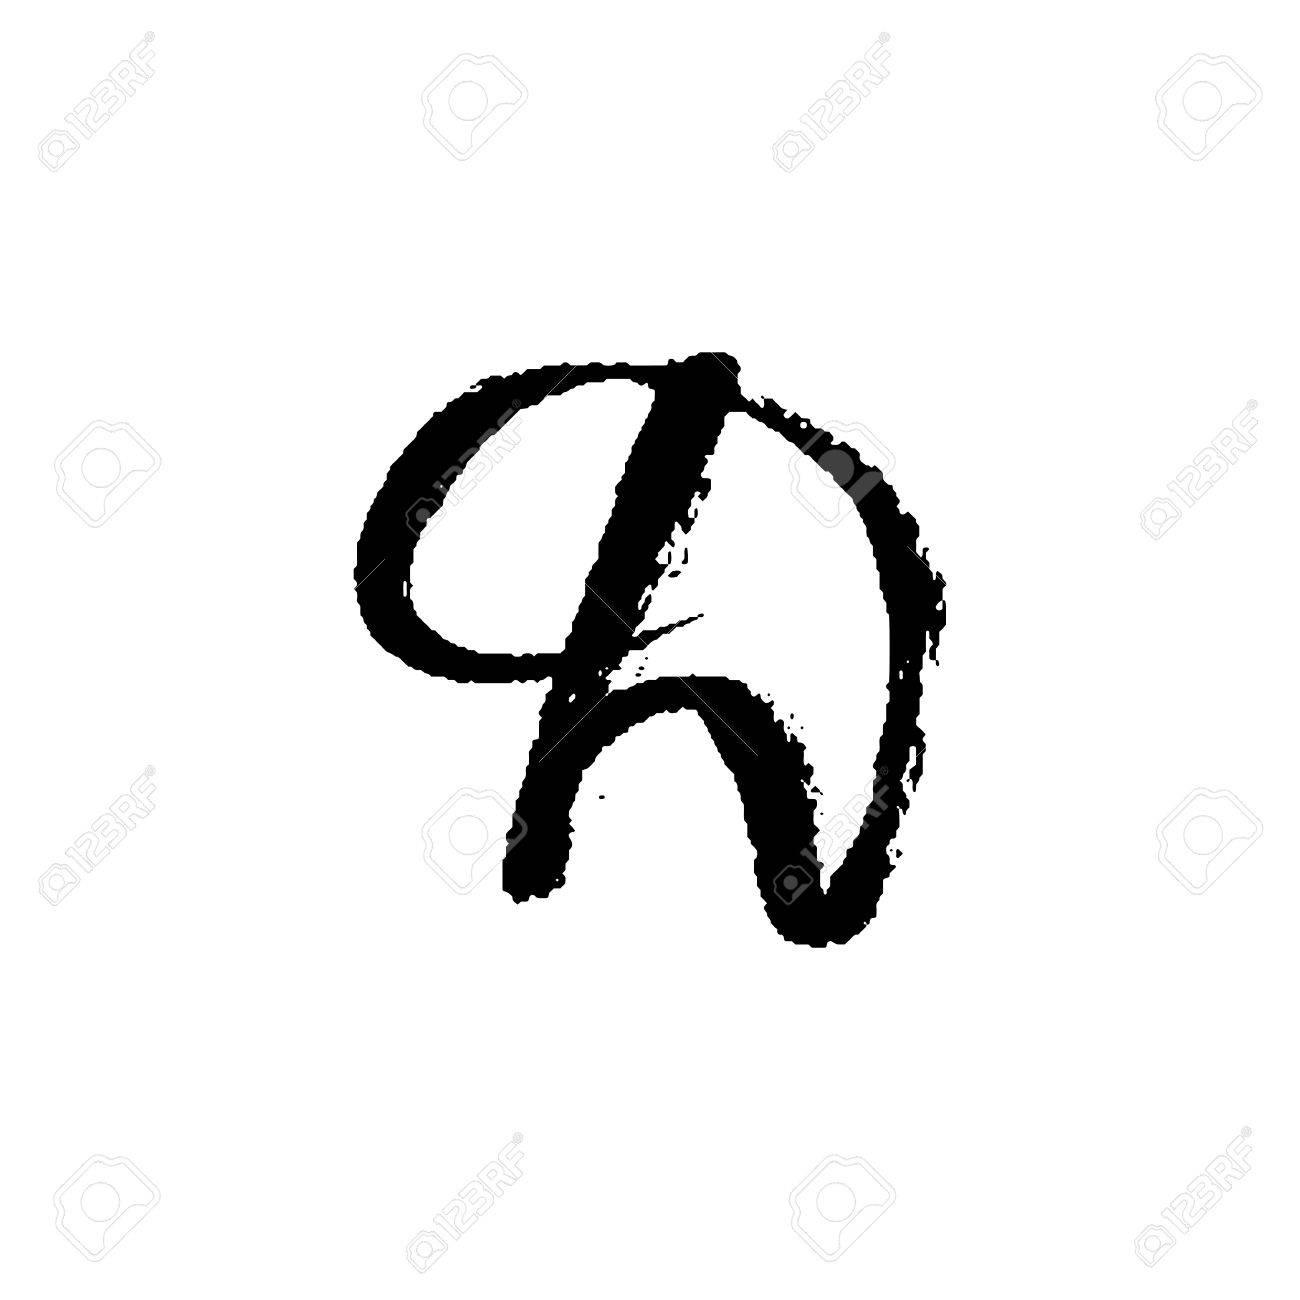 Letter D Handwritten By Dry Brush Rough Strokes Font Vector Illustration Grunge